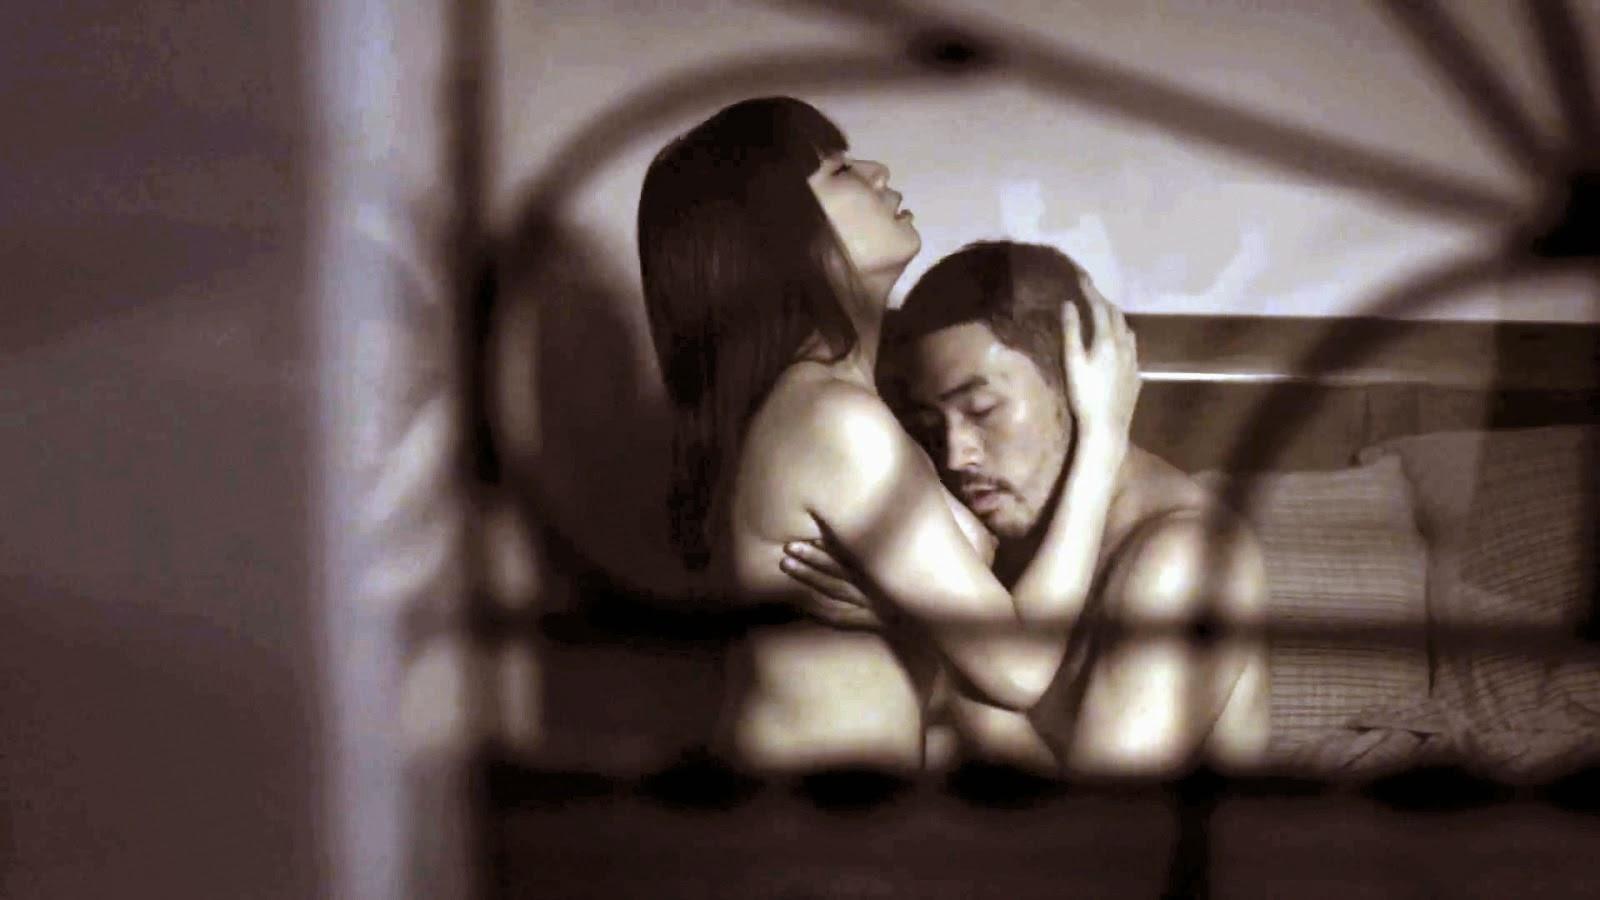 Tong singapore blog sex